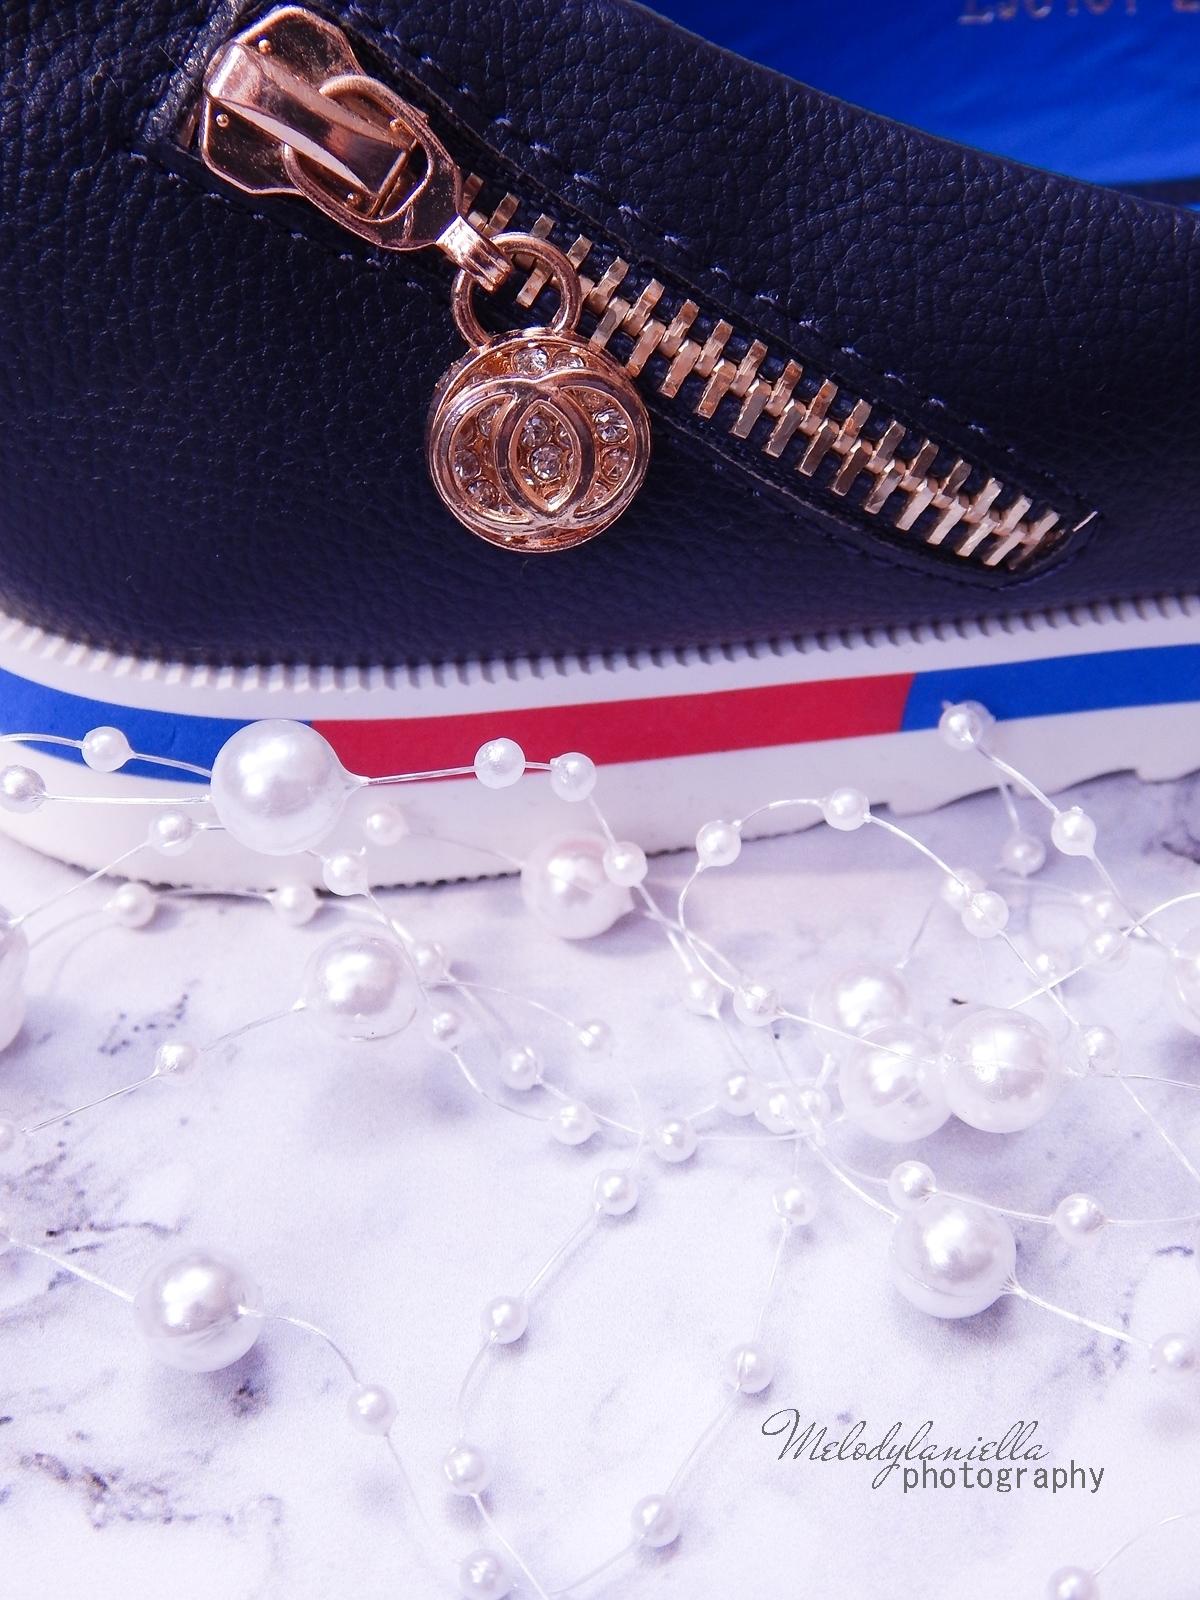 7 buty łuków baleriny tenisówki mokasyny sandały z ponopnami trzy modele butów modnych na lato melodylaniella recenzje buty coca-cola szare półbuty z kokardą buty na wesele buty do sukienki moda